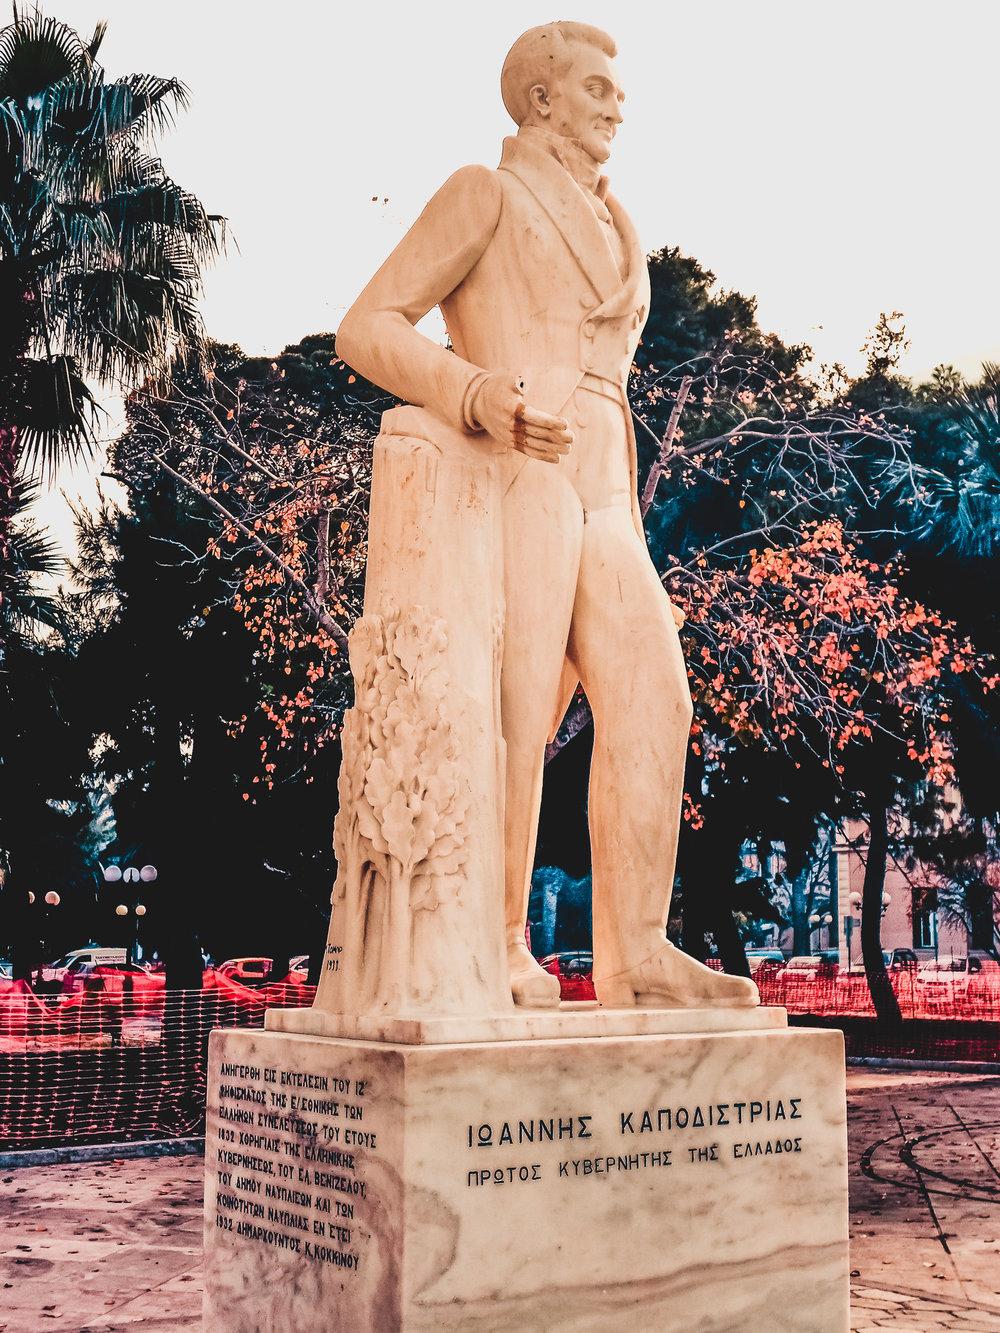 paradosi-nafplio-greece-01-stemajourneys.com.jpg